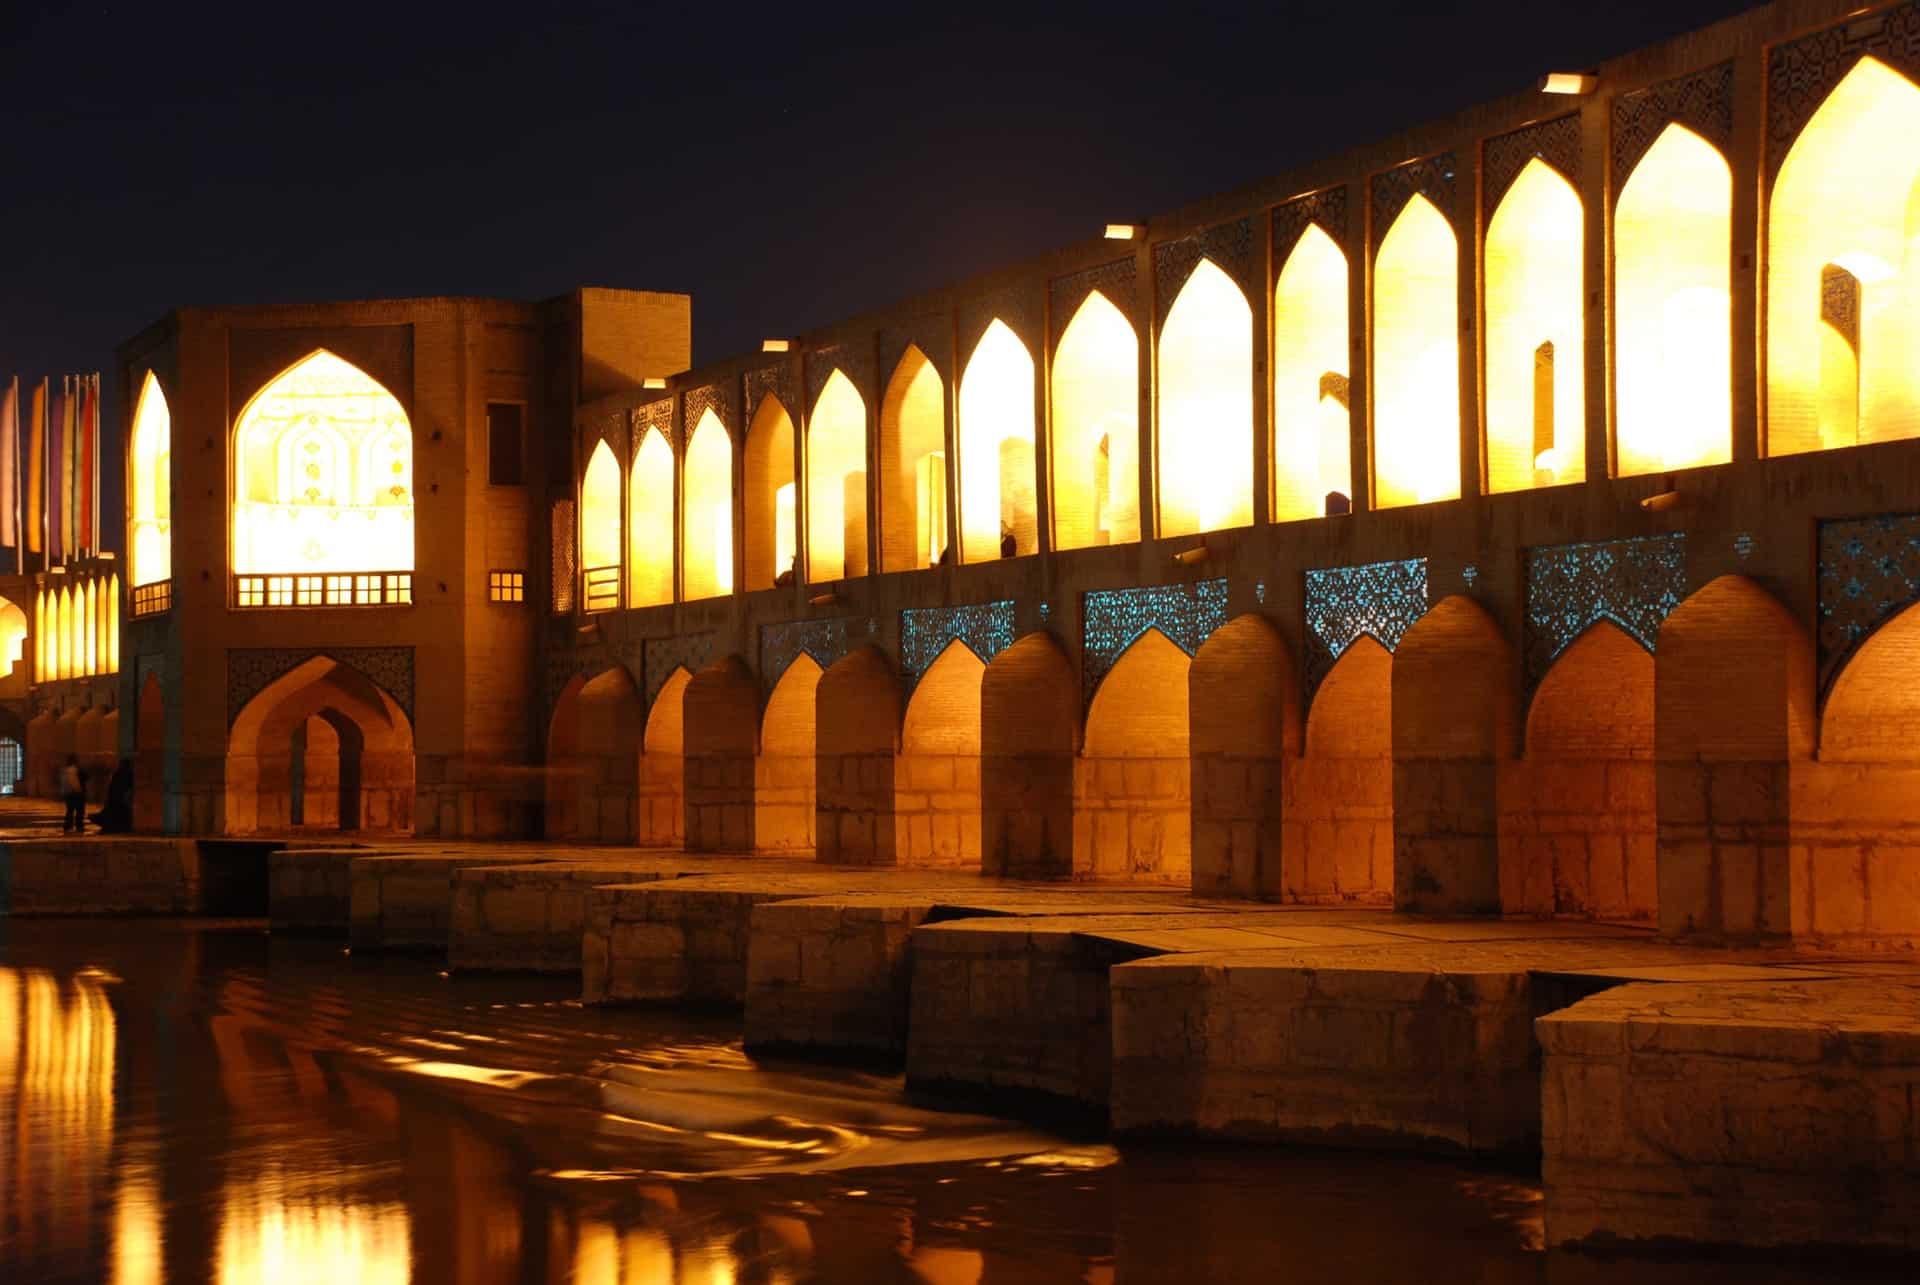 Khajubroen i Isfahan